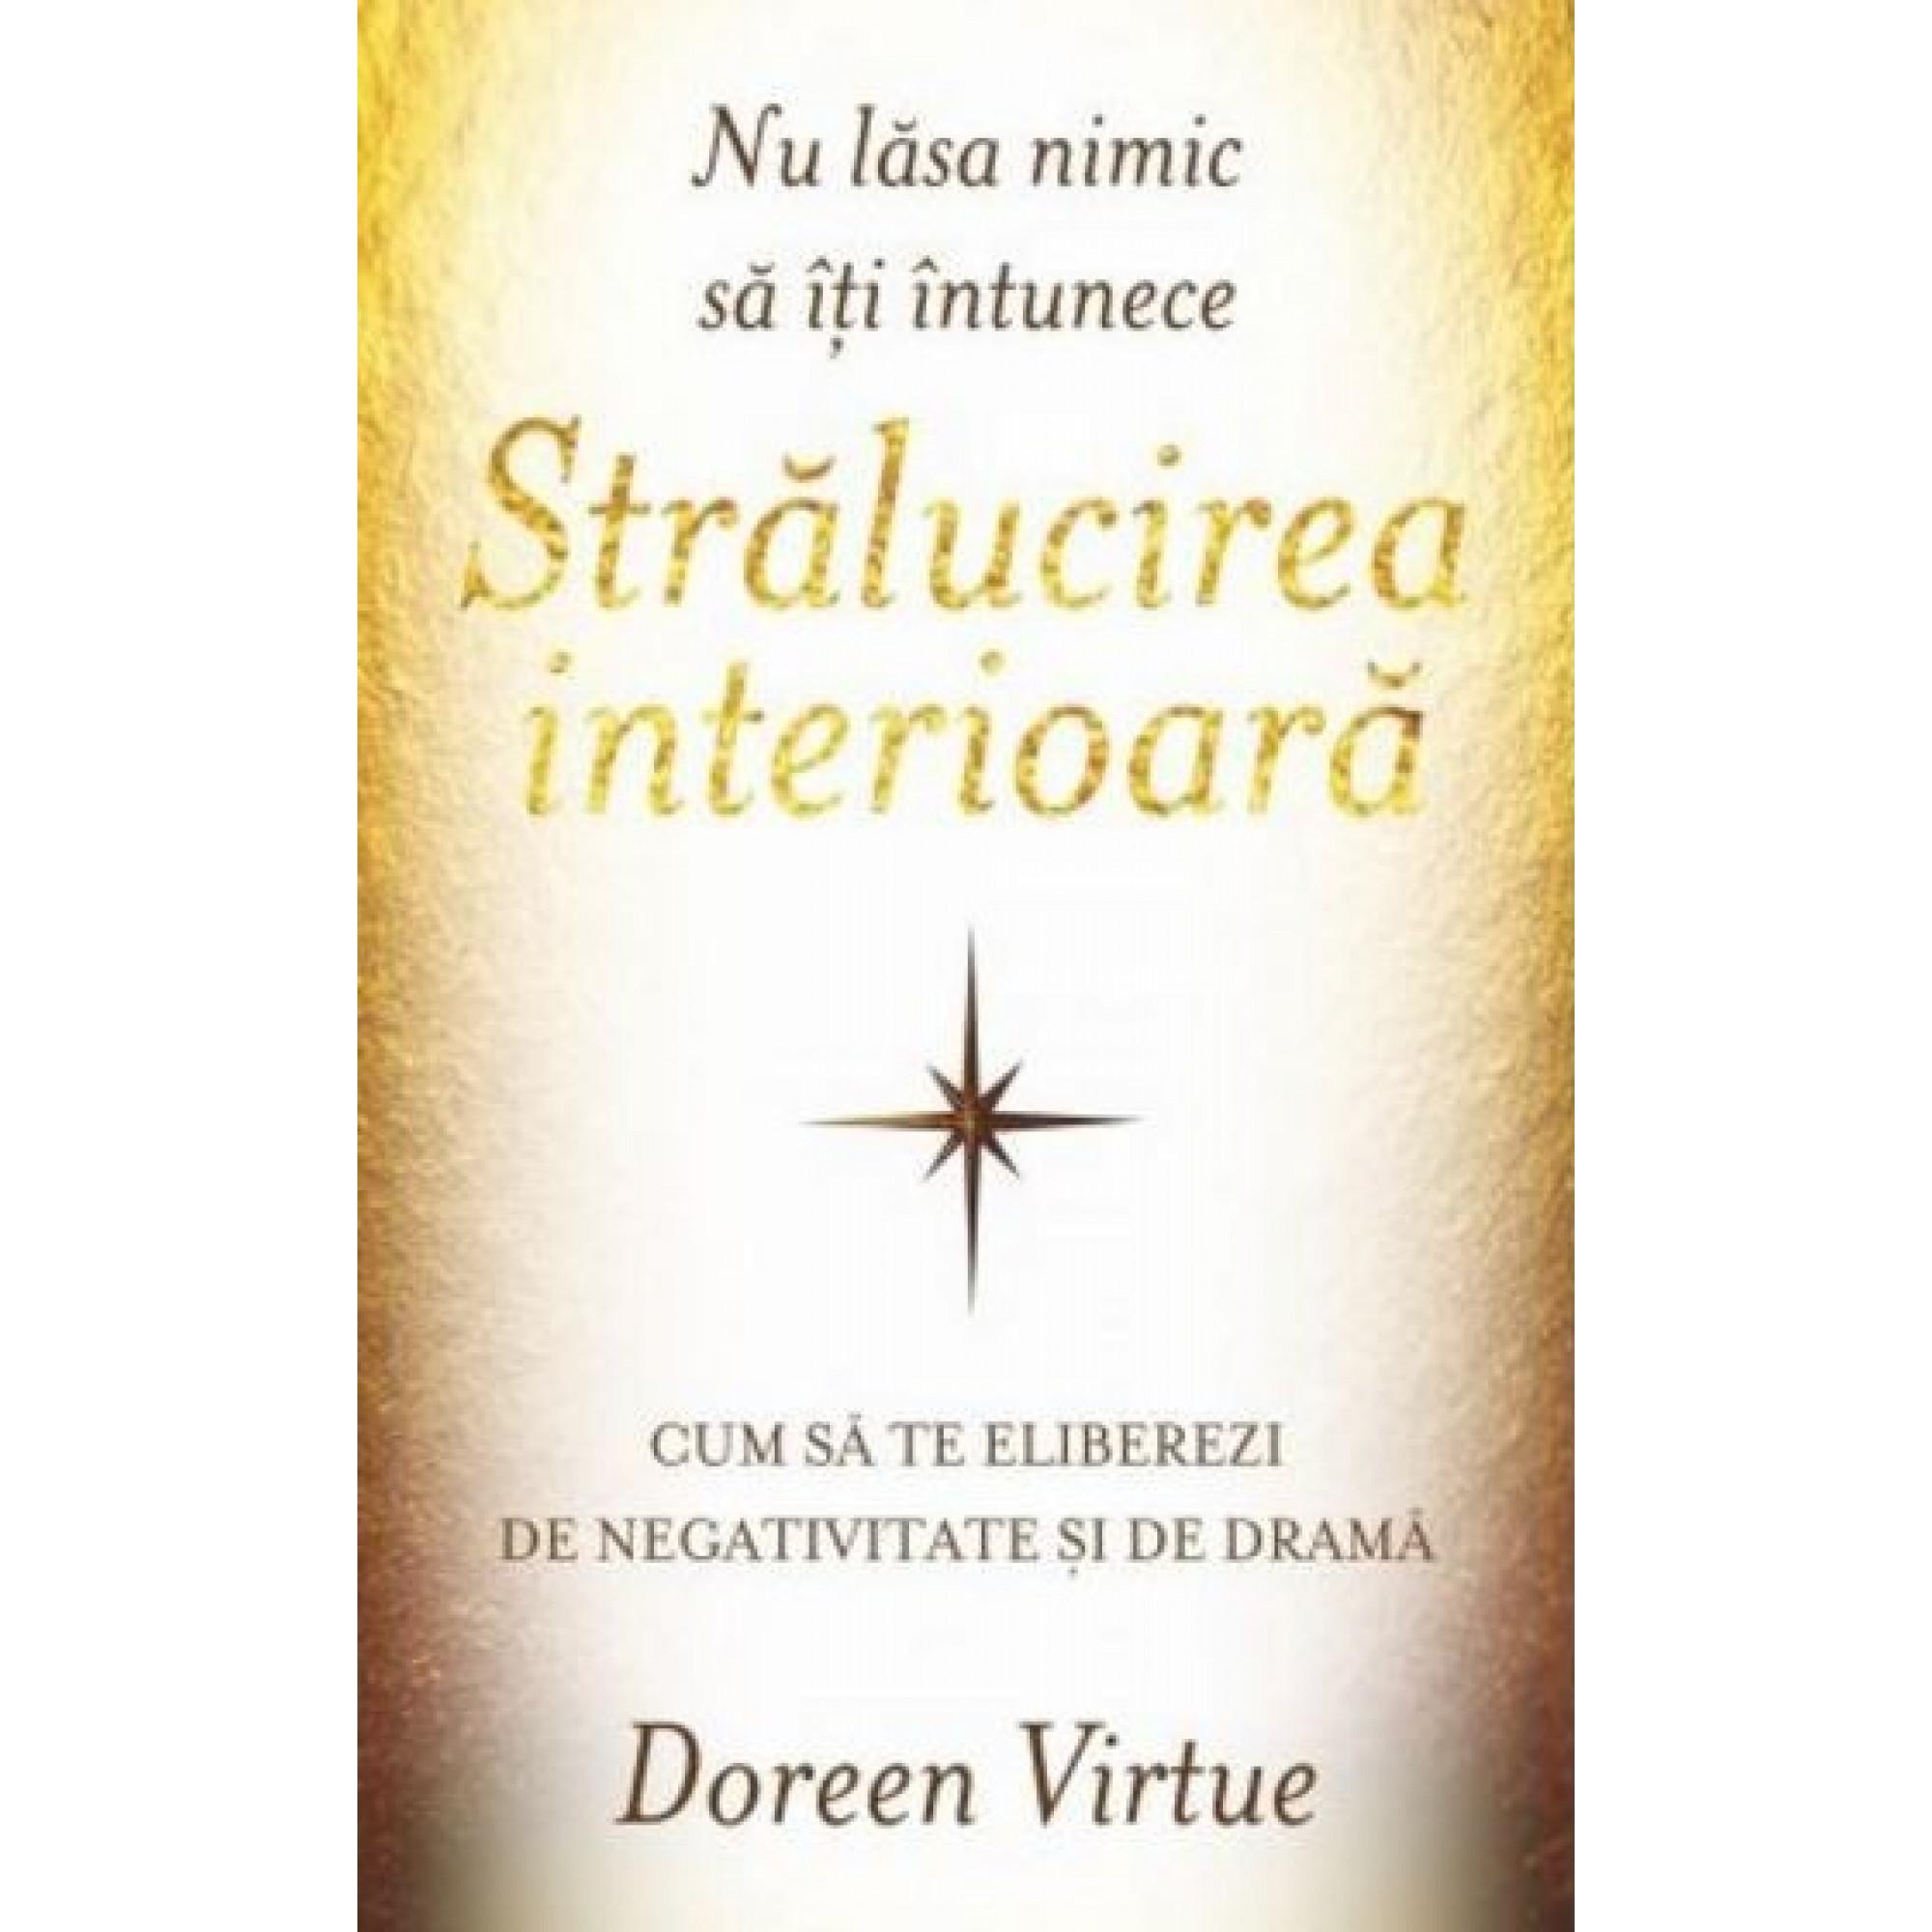 Nu lăsa nimic să îți întunece strălucirea interioară; Doreen Virtue